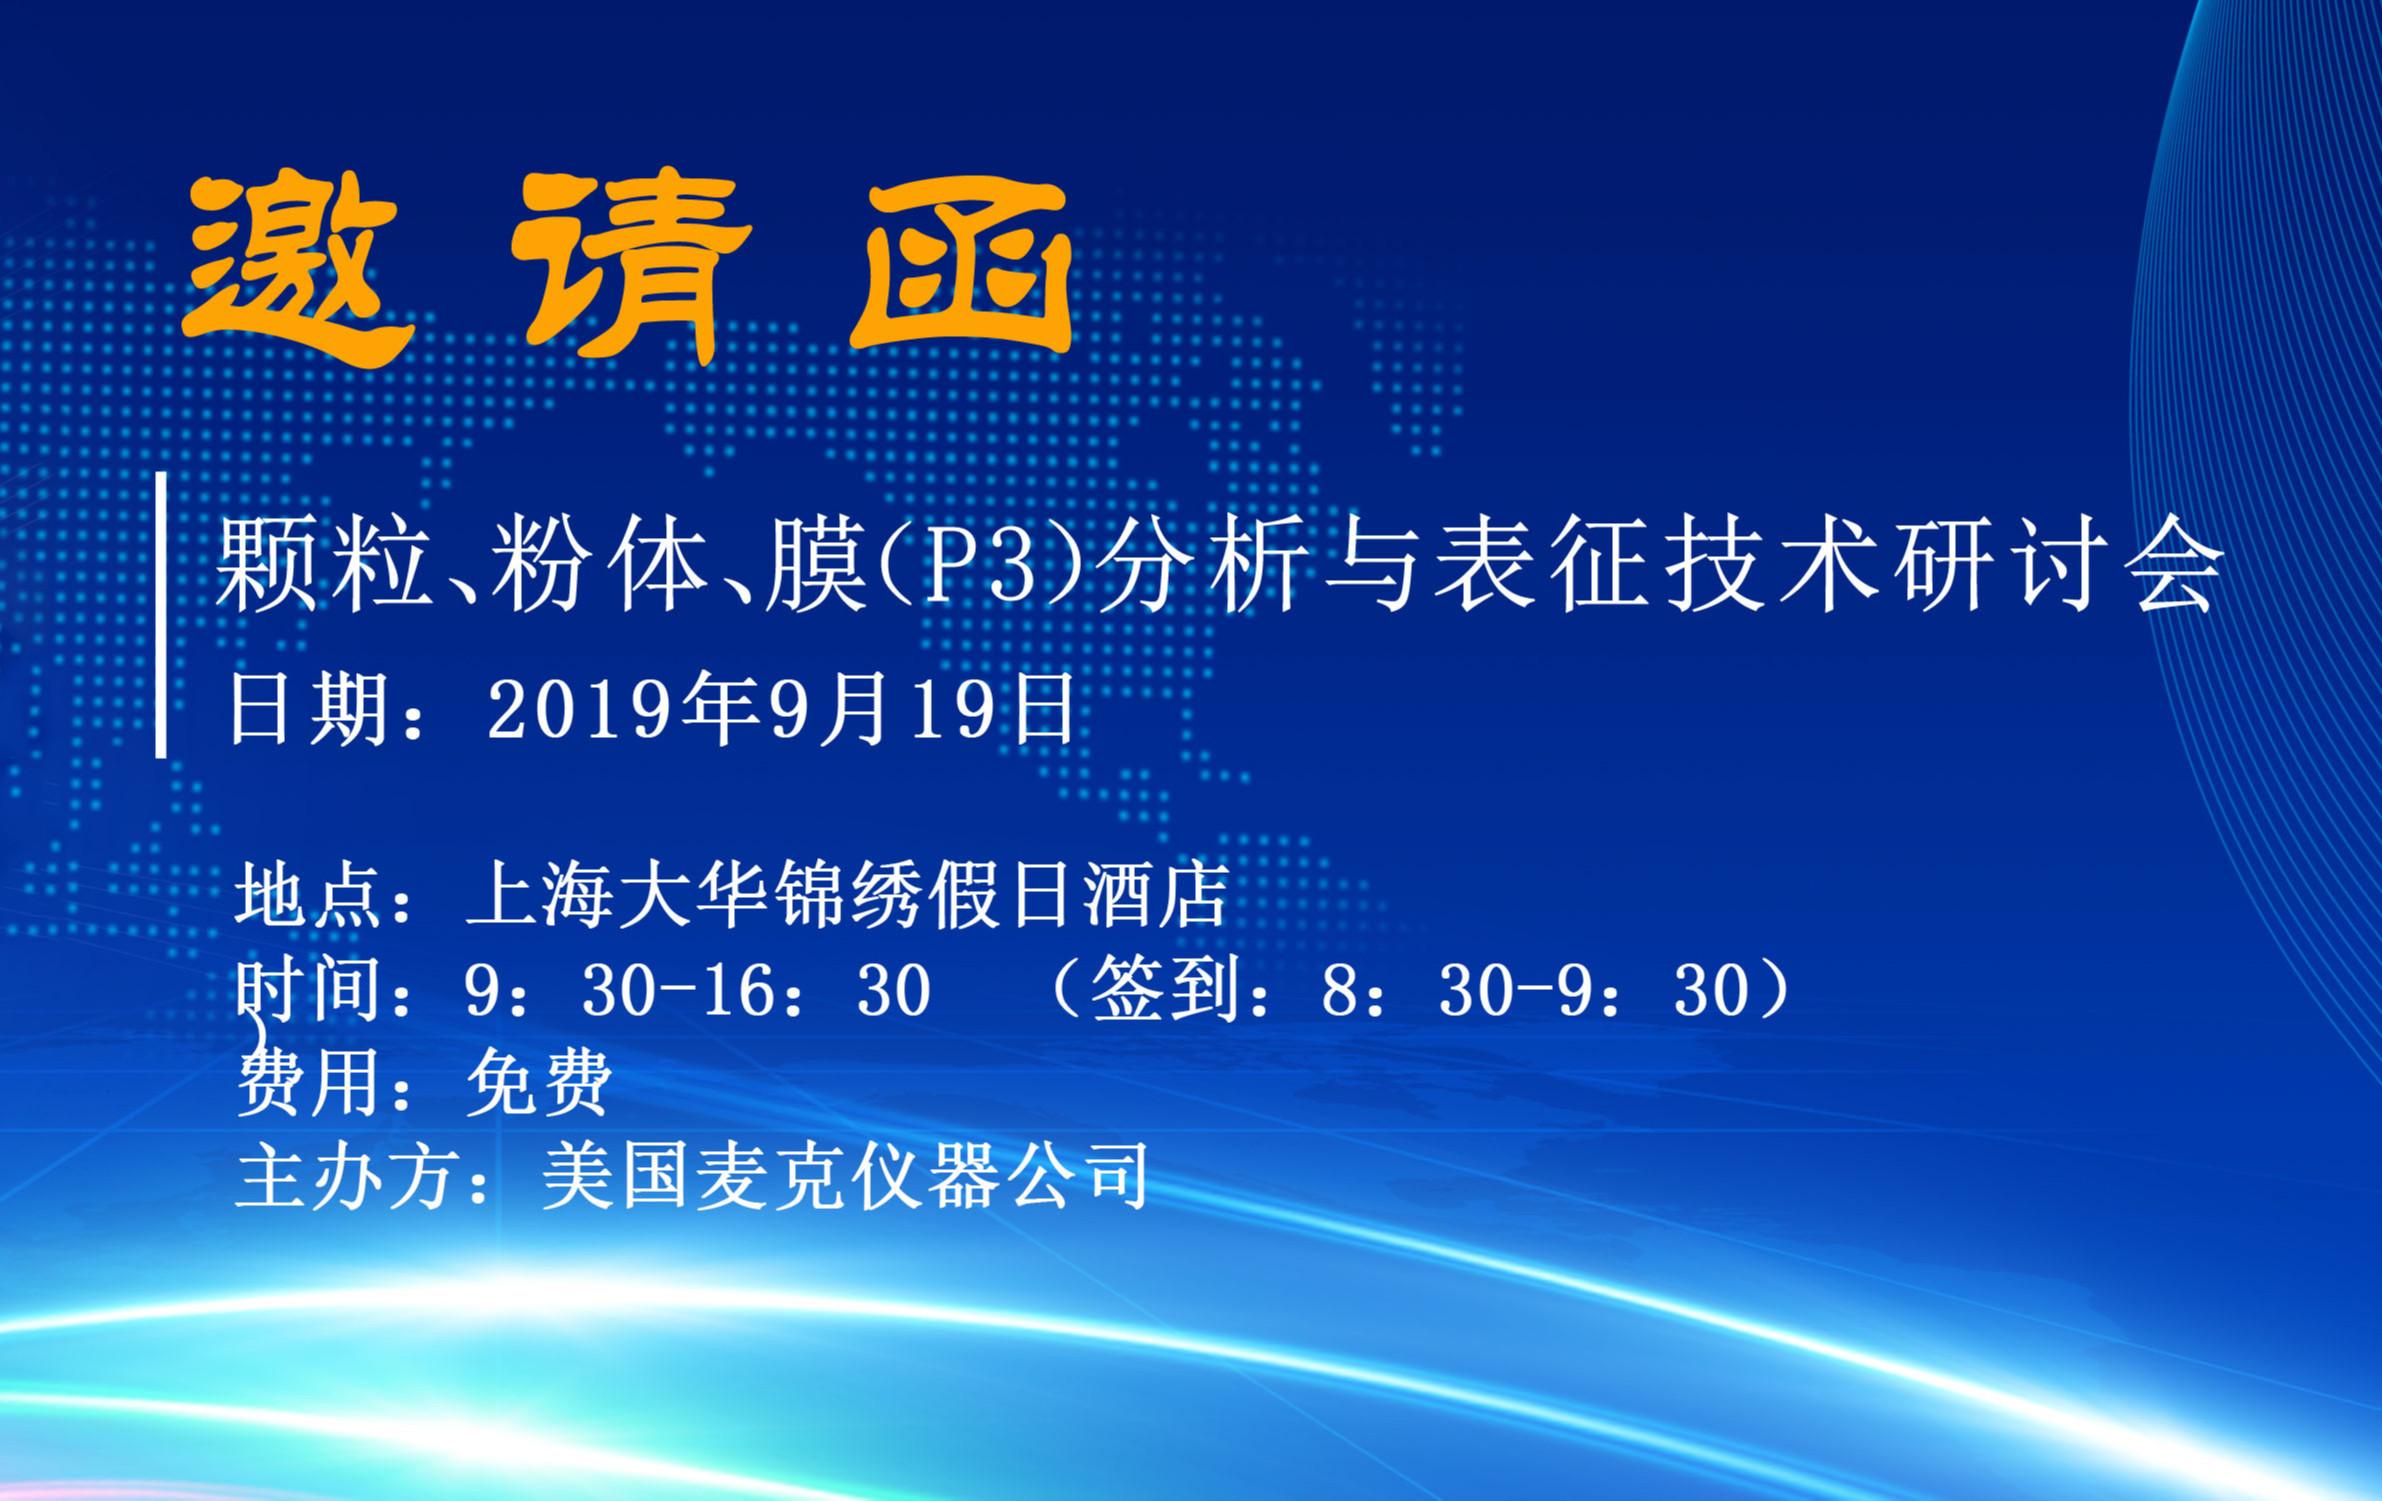 颗粒、粉体、膜(P3)的 分析与表征研讨会2019(上海)